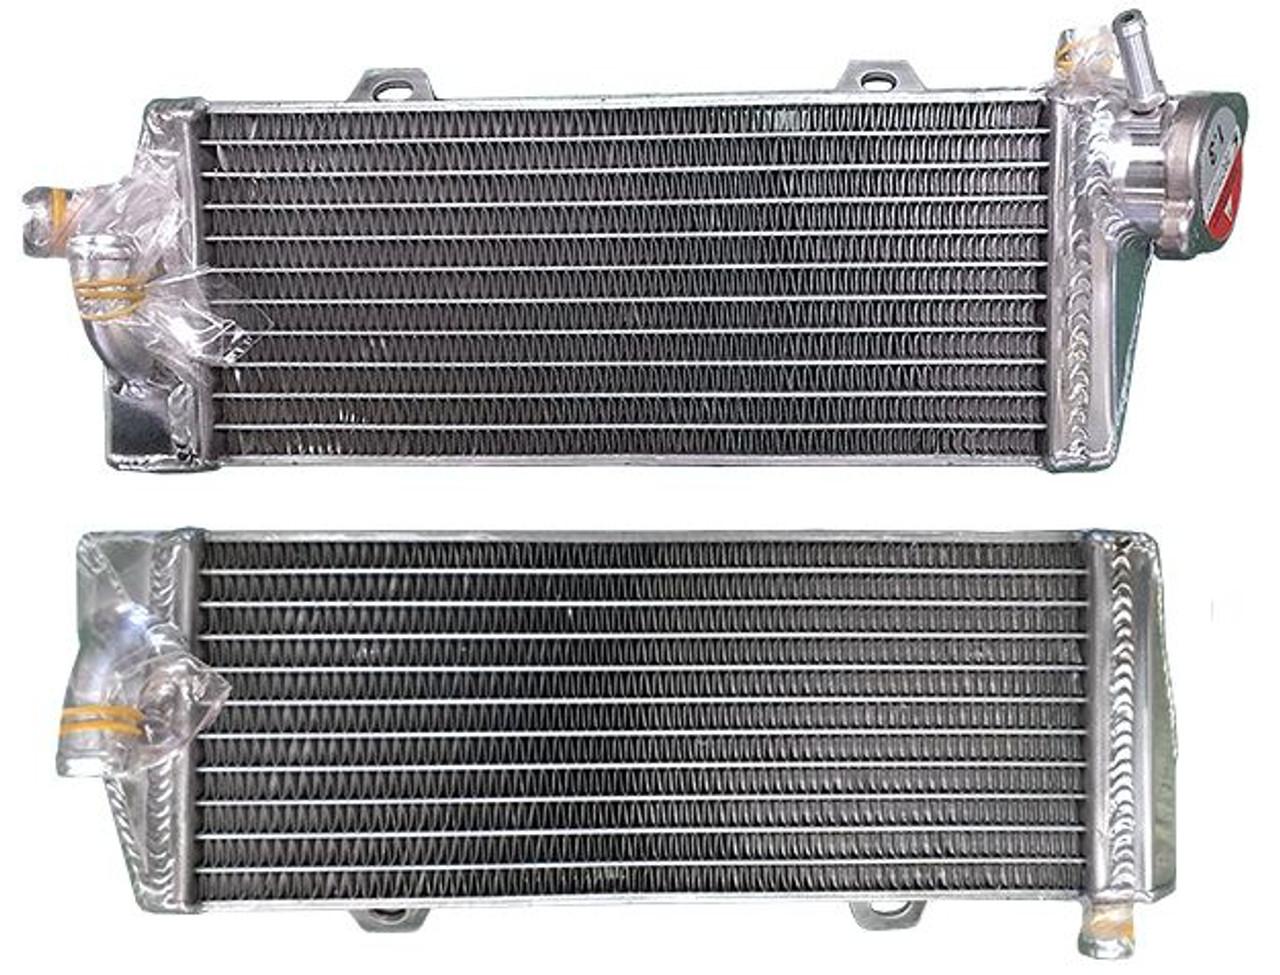 KTM 300 EXC 2009-2018 RADIATOR SETS PSYCHIC MX PARTS